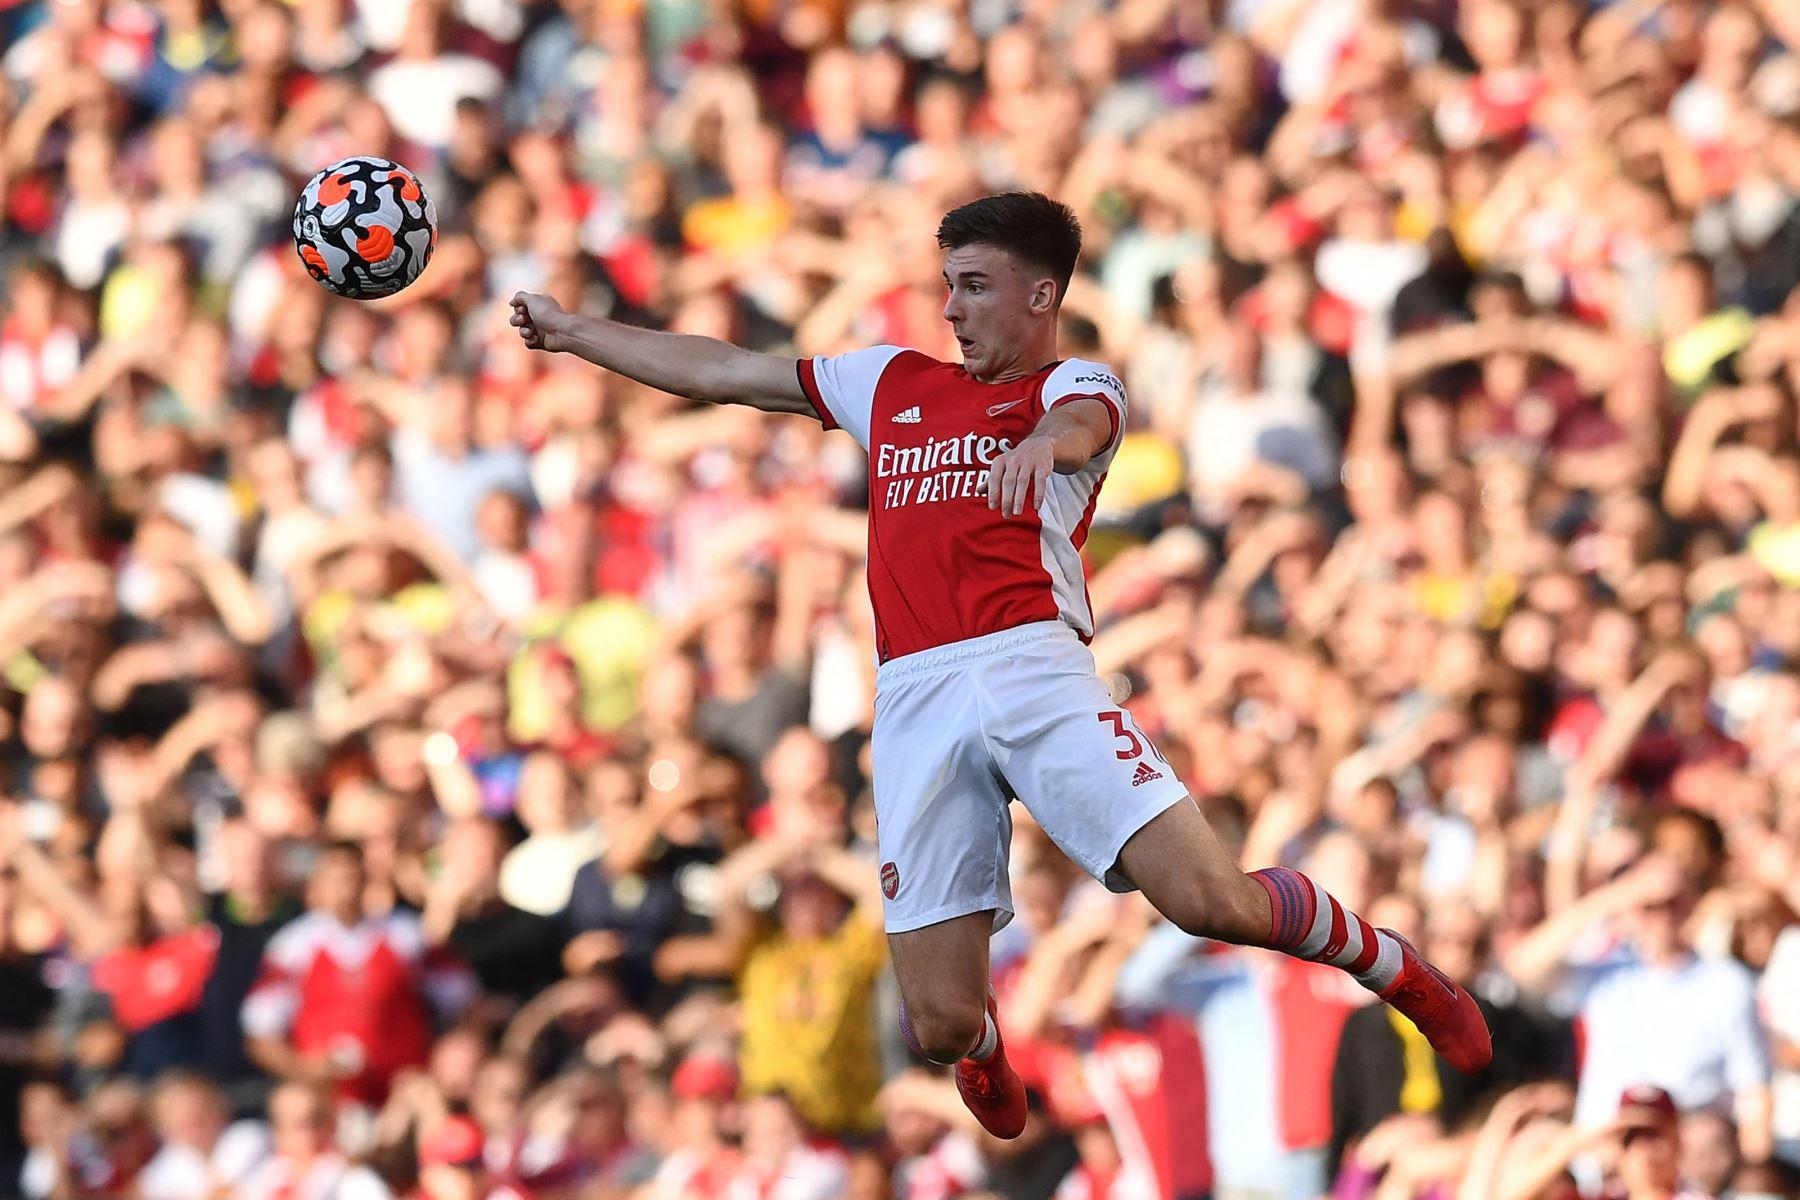 El defensor escocés del Arsenal, Kieran Tierney, salta para ganar un cabezazo durante el partido de la Premier League. Foto: AFP